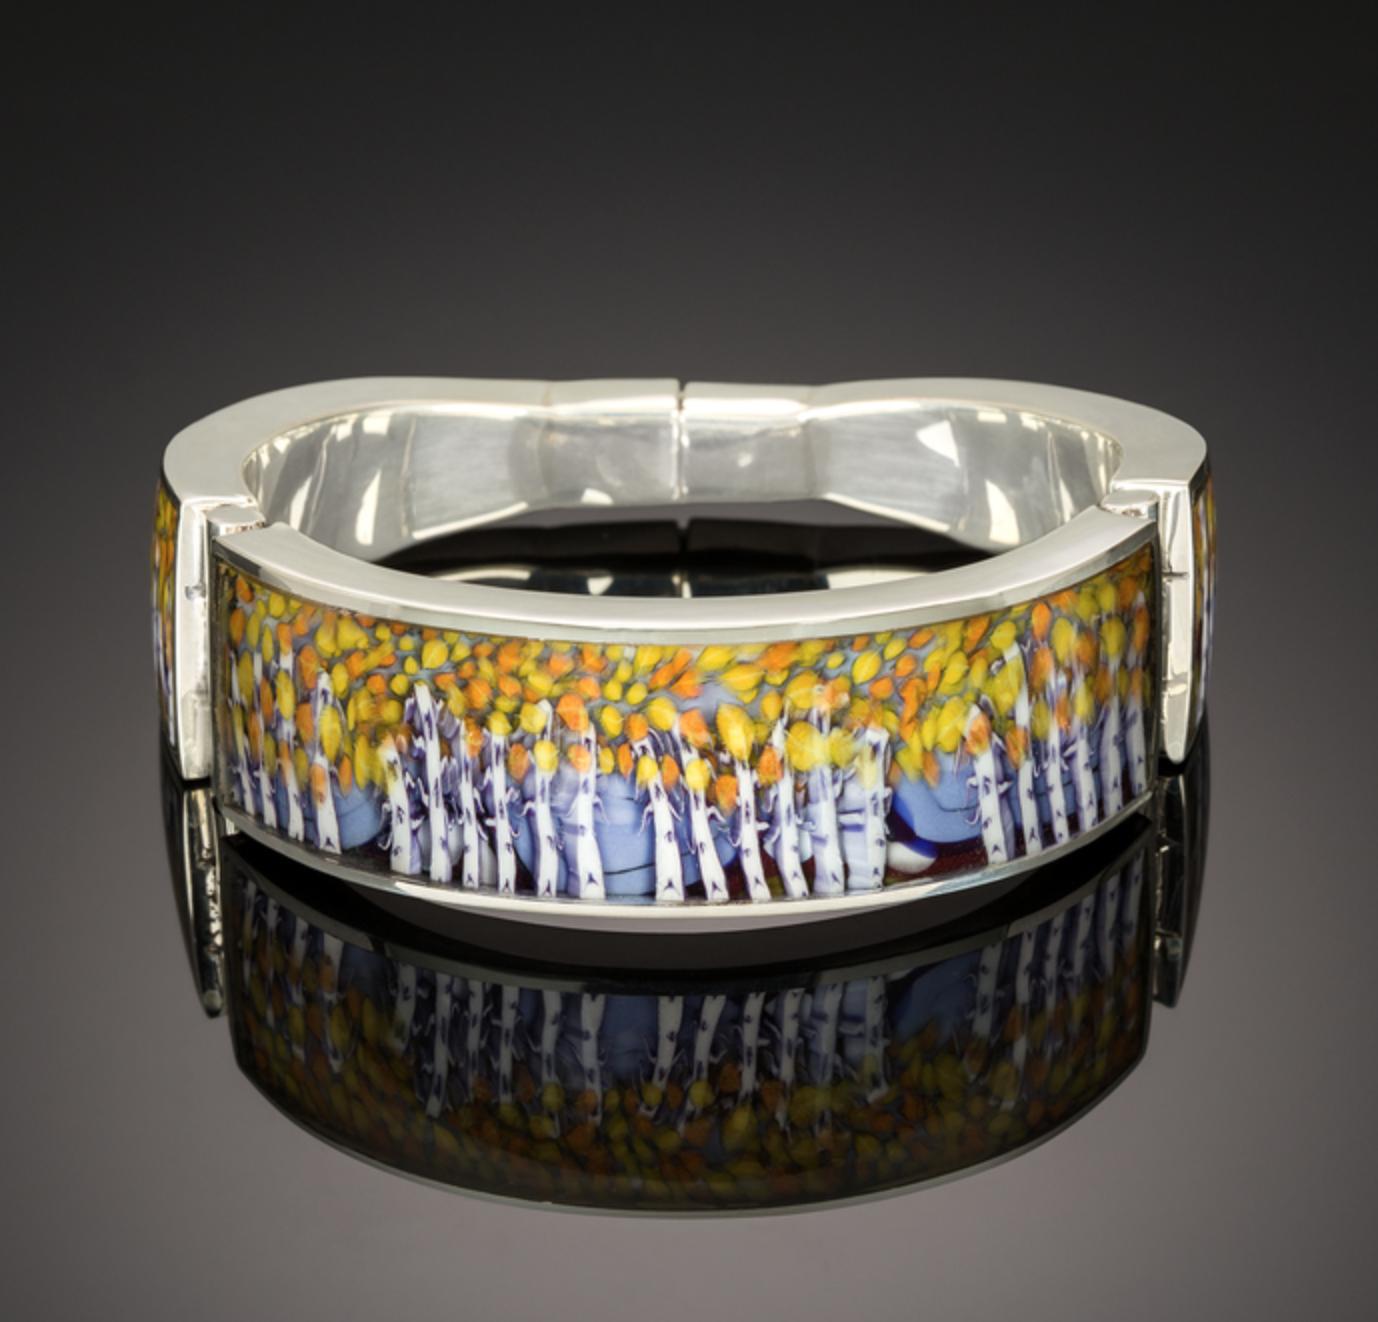 Jewelry- Kevin O'Grady